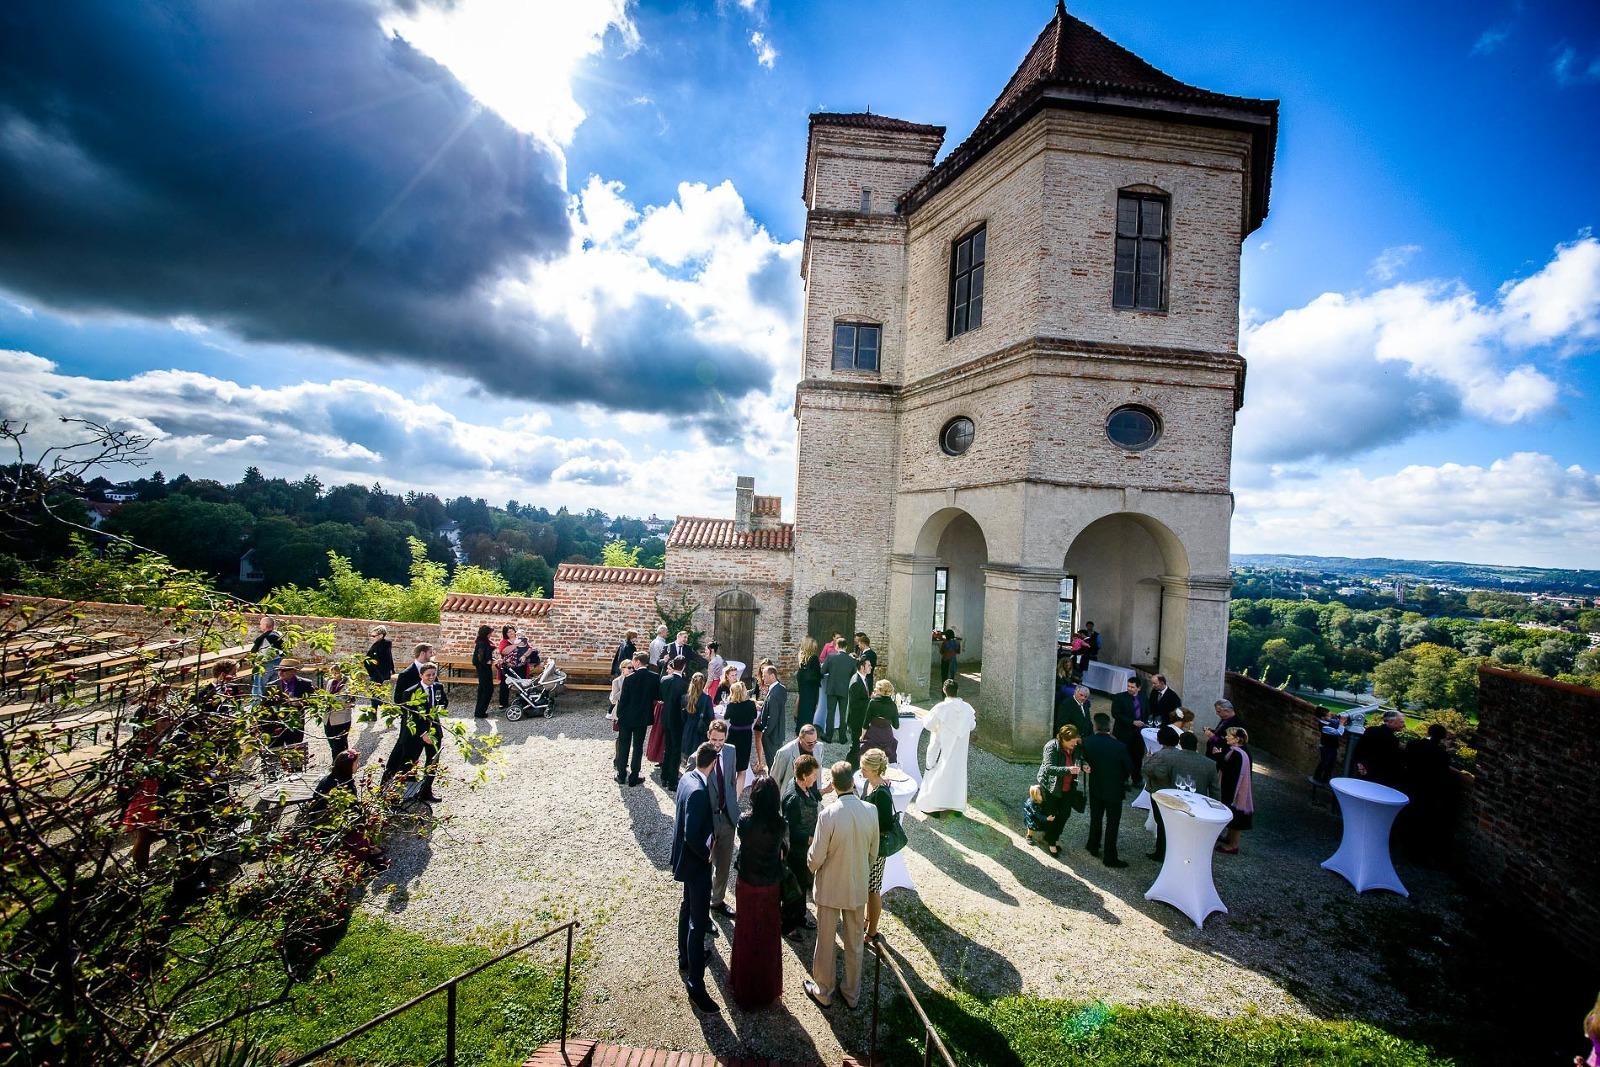 Hochzeitsfotograf aus München, Hochzeits-Location Burg Trausnitz in Landshut